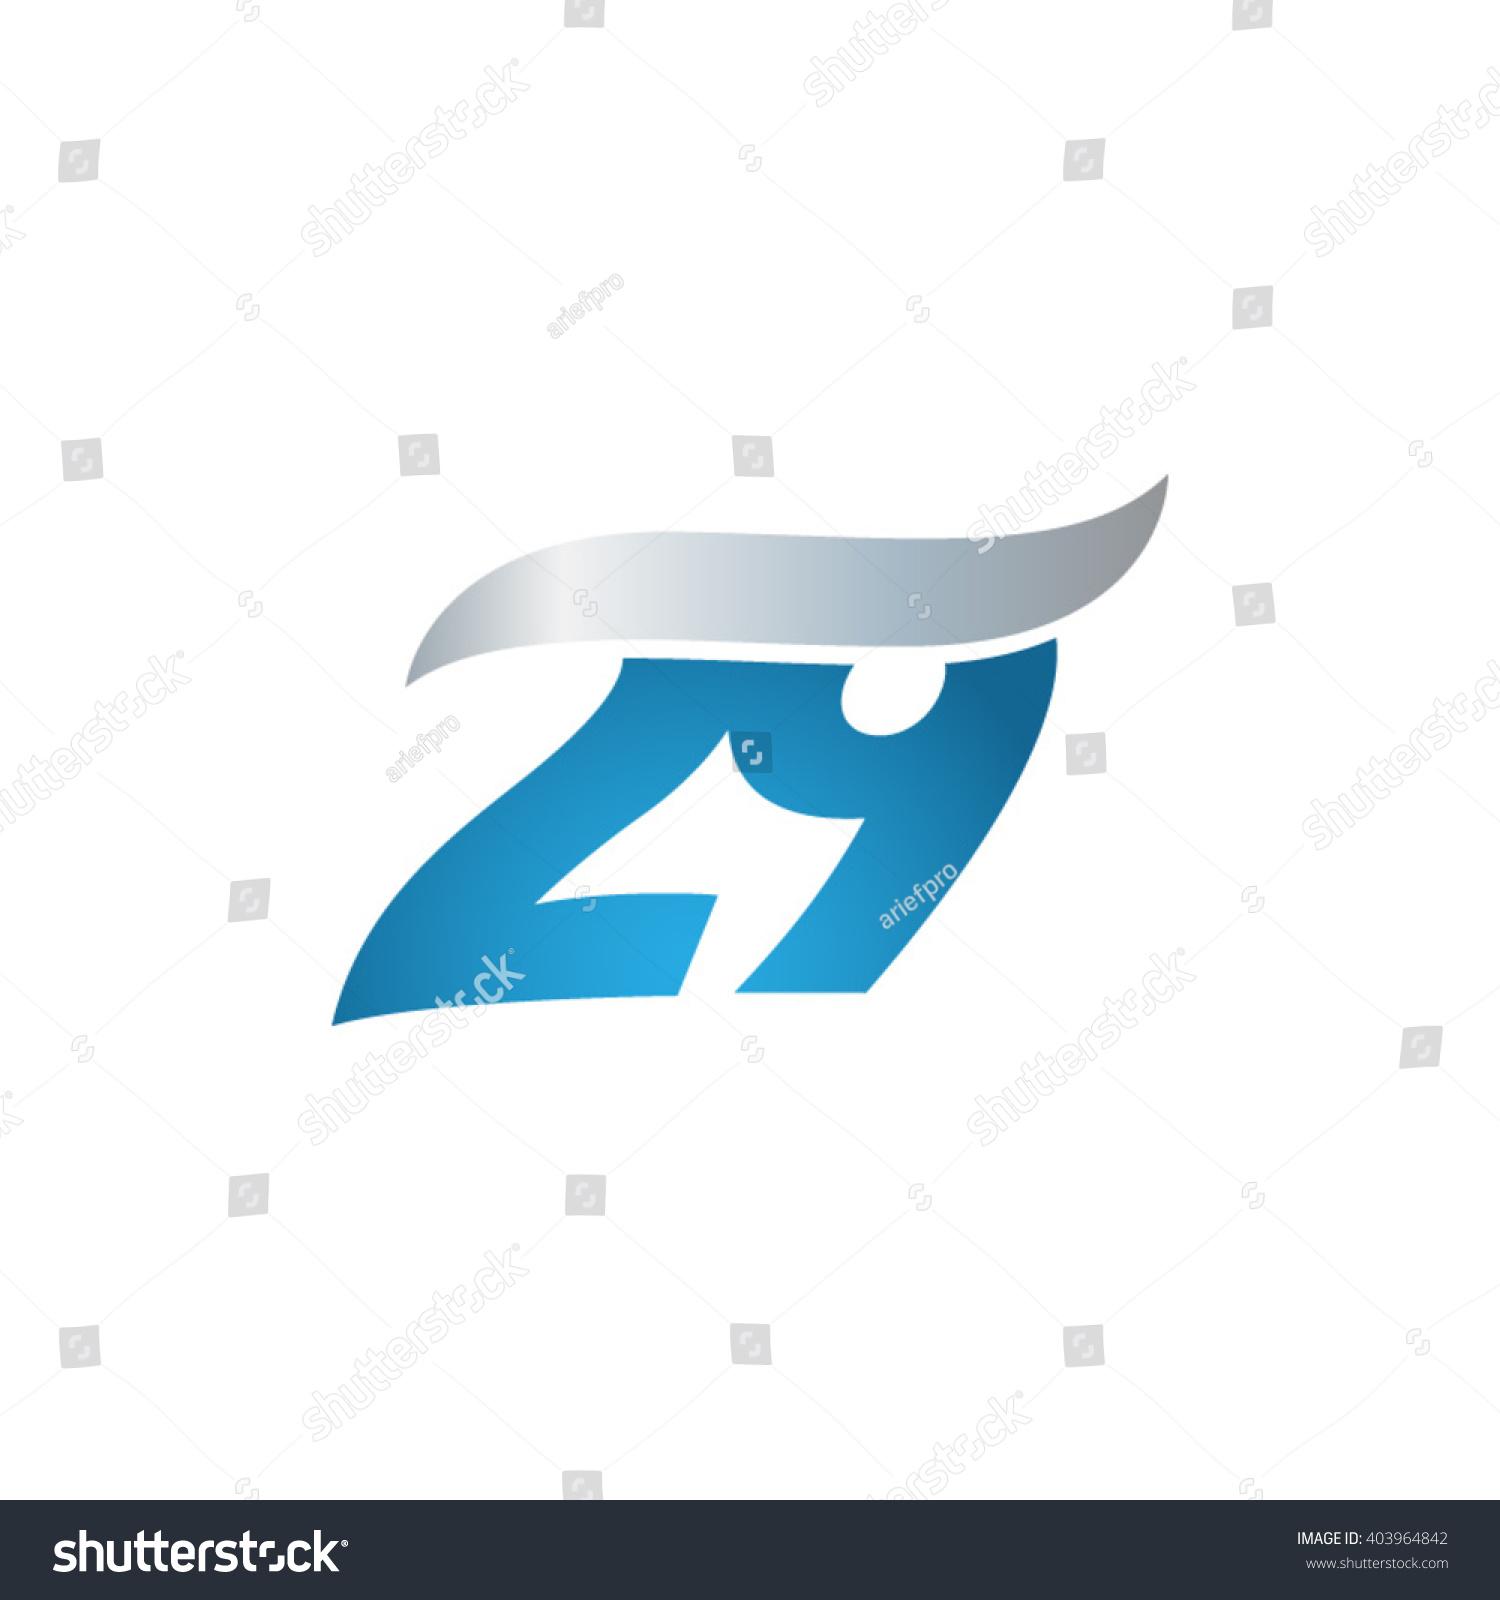 Number 29 Swoosh Design Template Logo Stock Vector ...